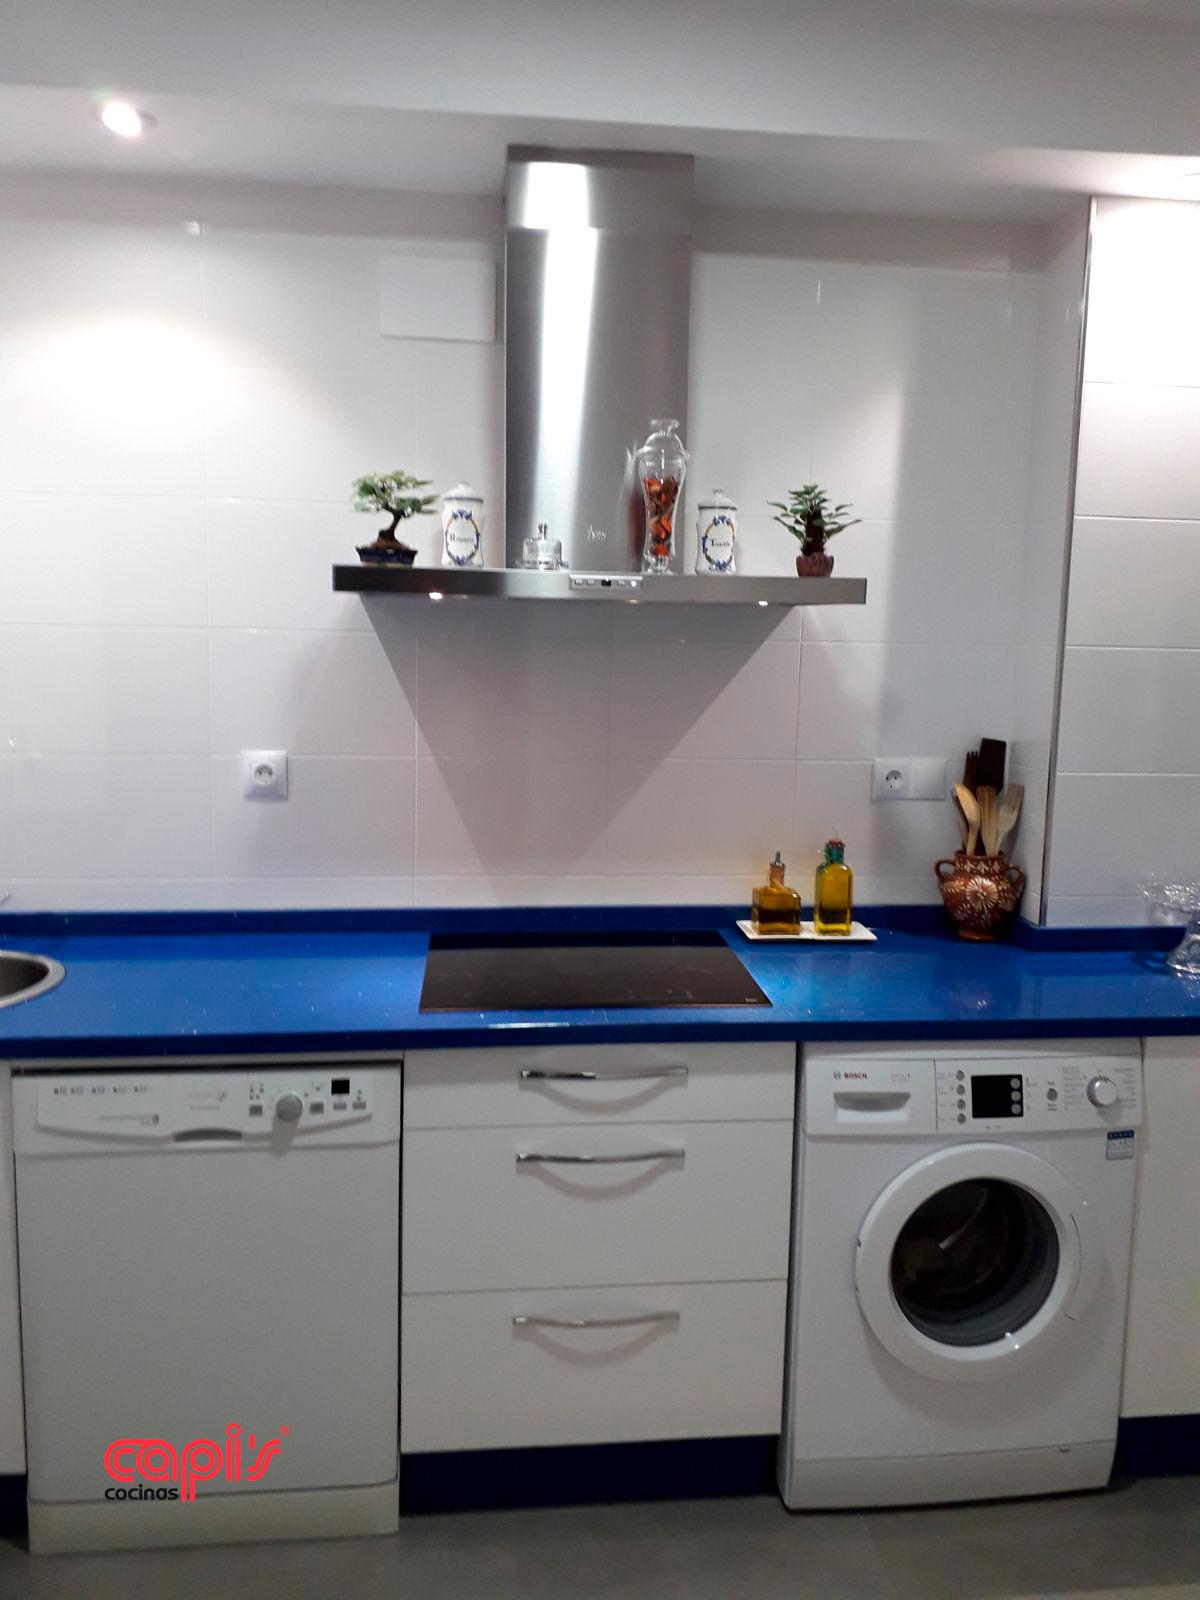 Azul vibrante en la cocina - Cocinas Capis, diseño y fabricación de ...